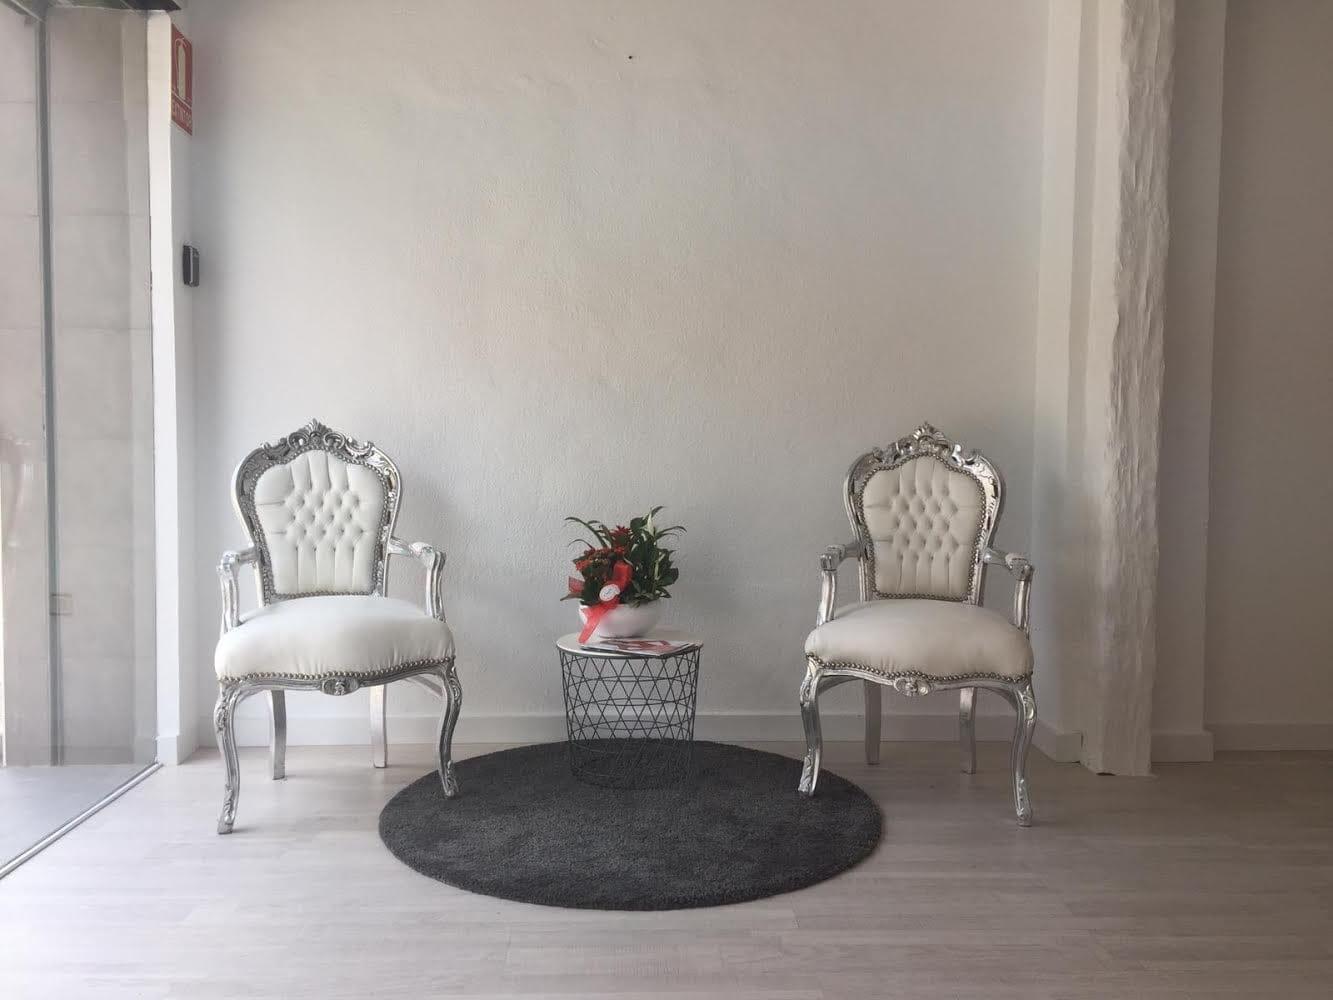 Refaire Un Fauteuil Louis Xvi refaire un fauteuil - outillage - linternaute